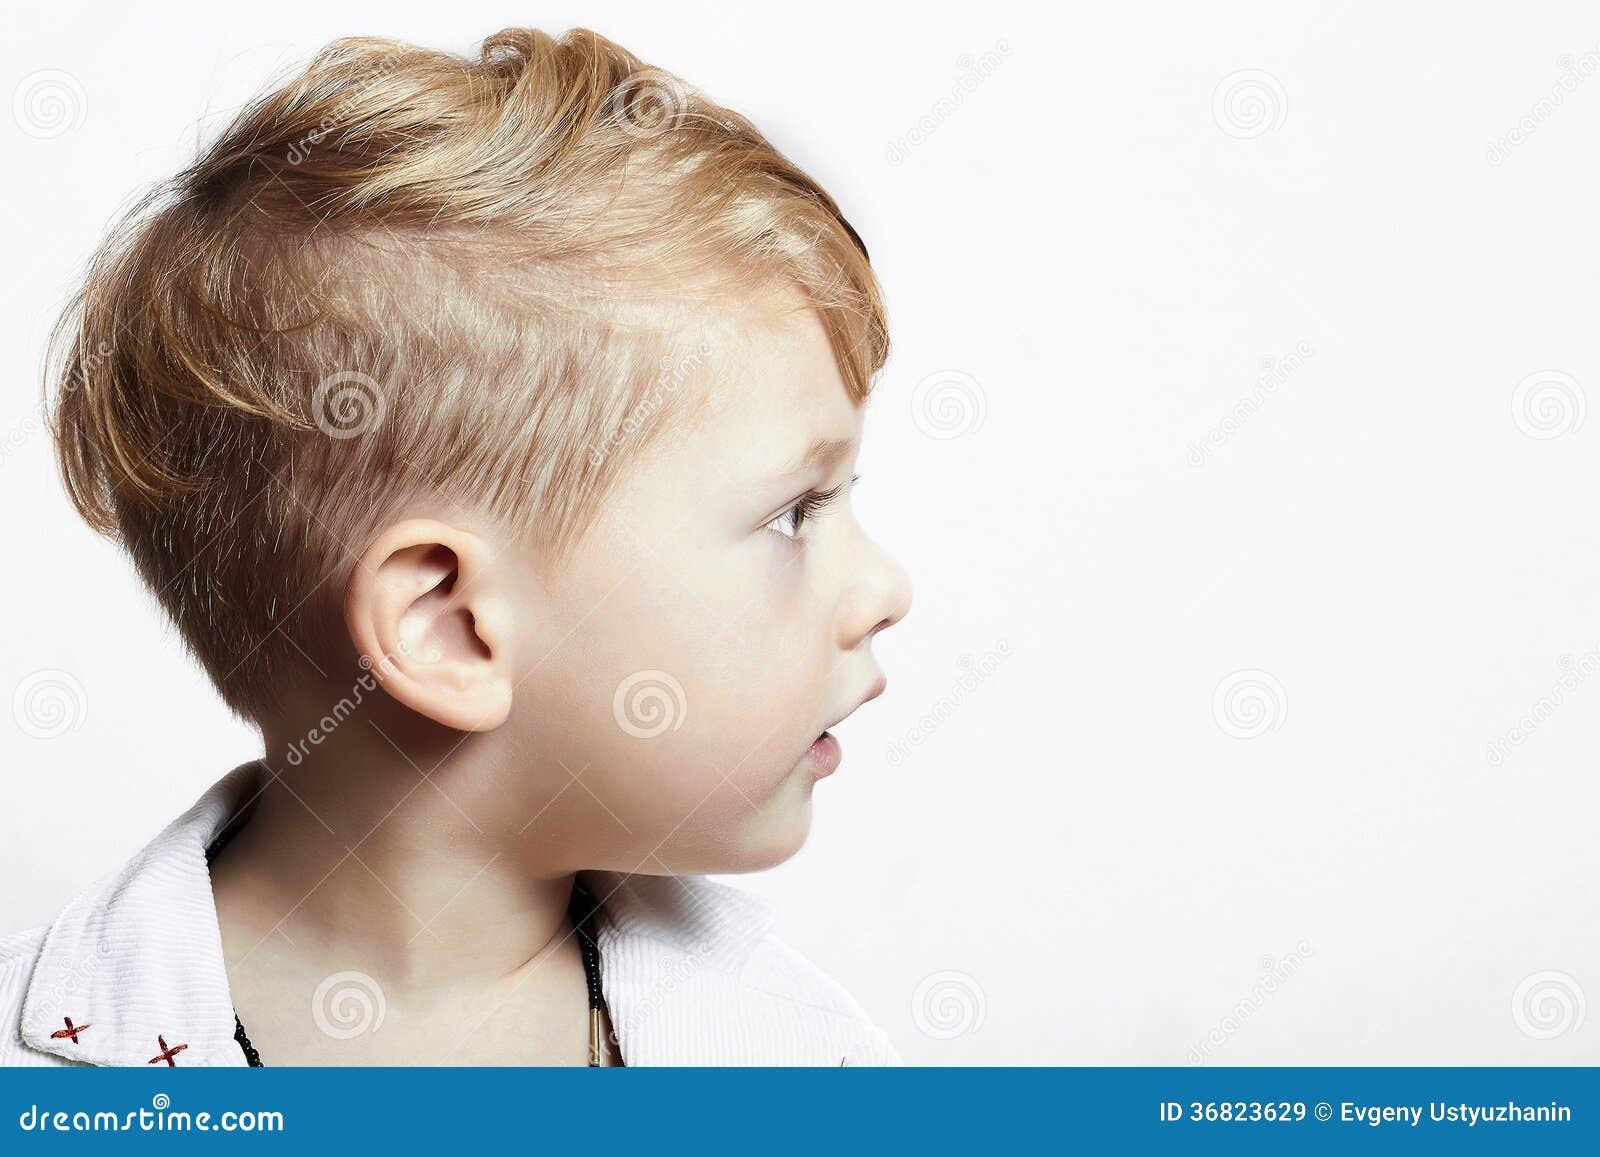 Moderner Hübscher Kleiner Junge Stilvoller Haarschnitt Modekind